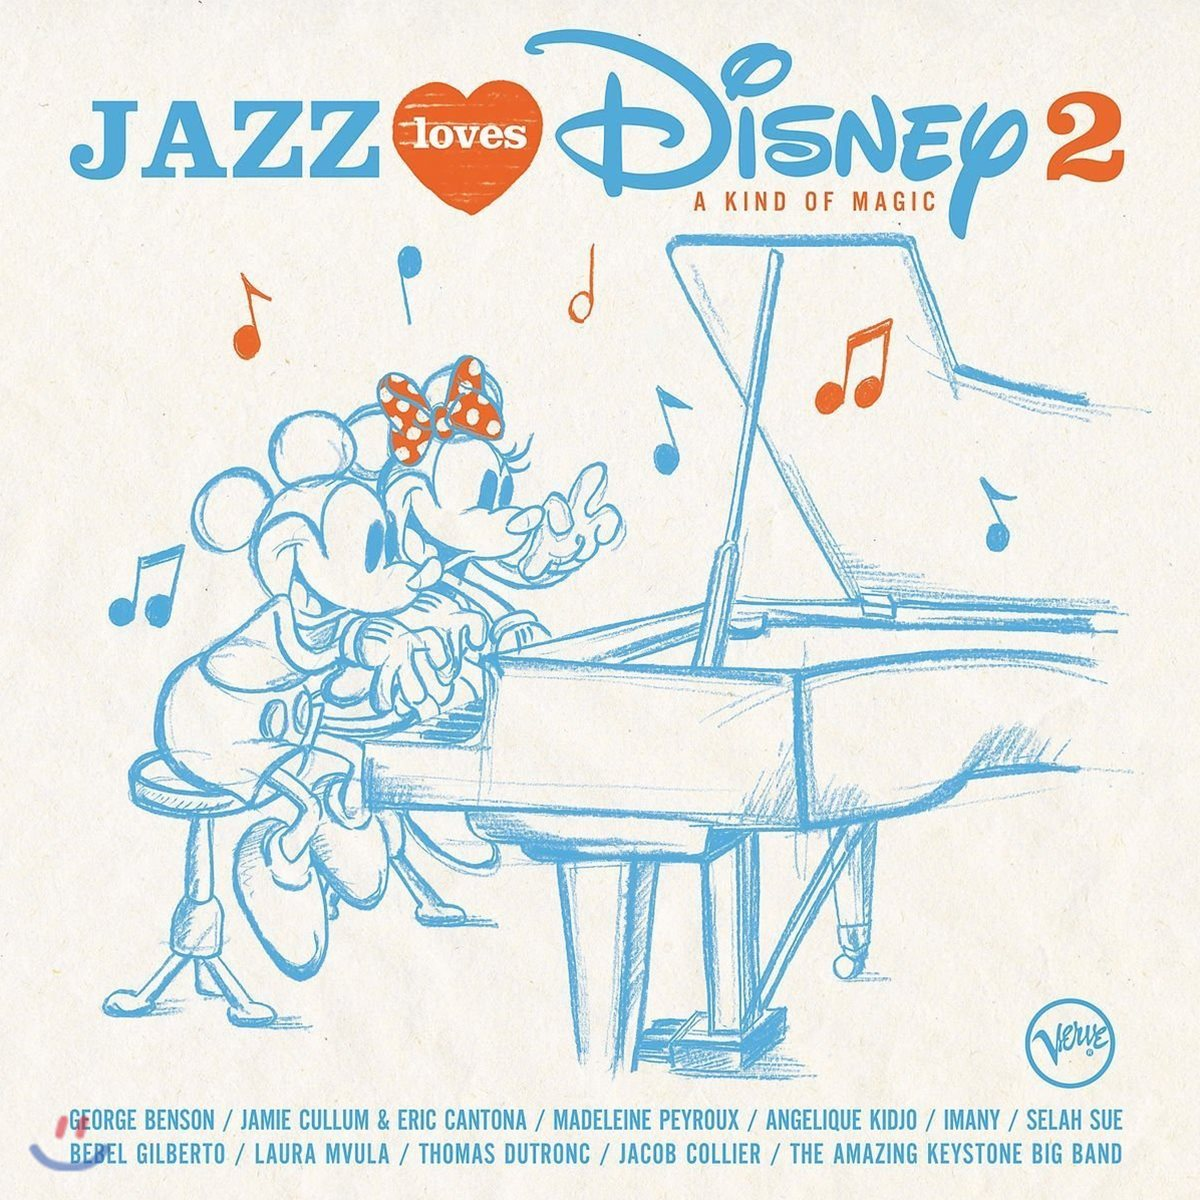 재즈 러브 디즈니 2집 (Jazz Loves Disney 2) [2 LP]